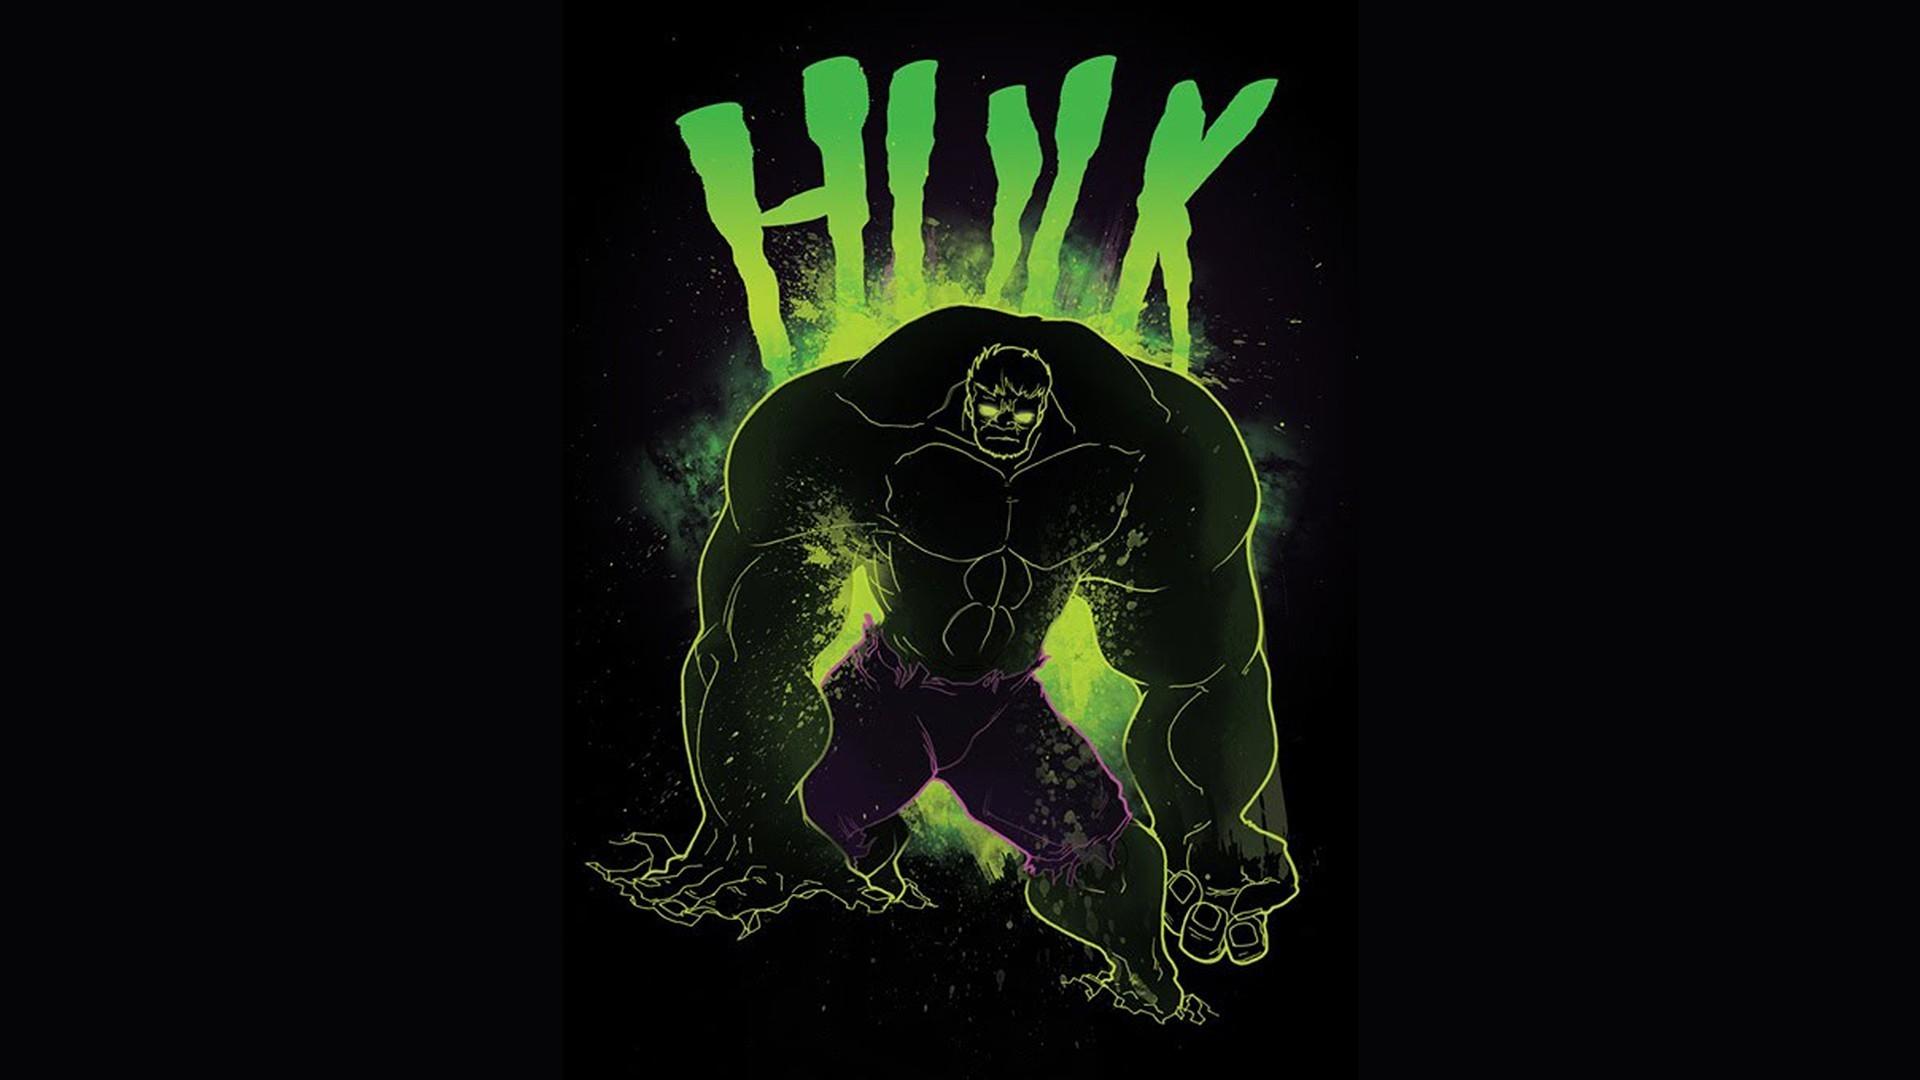 Dark Hulk Wallpapers HD 1920x1080